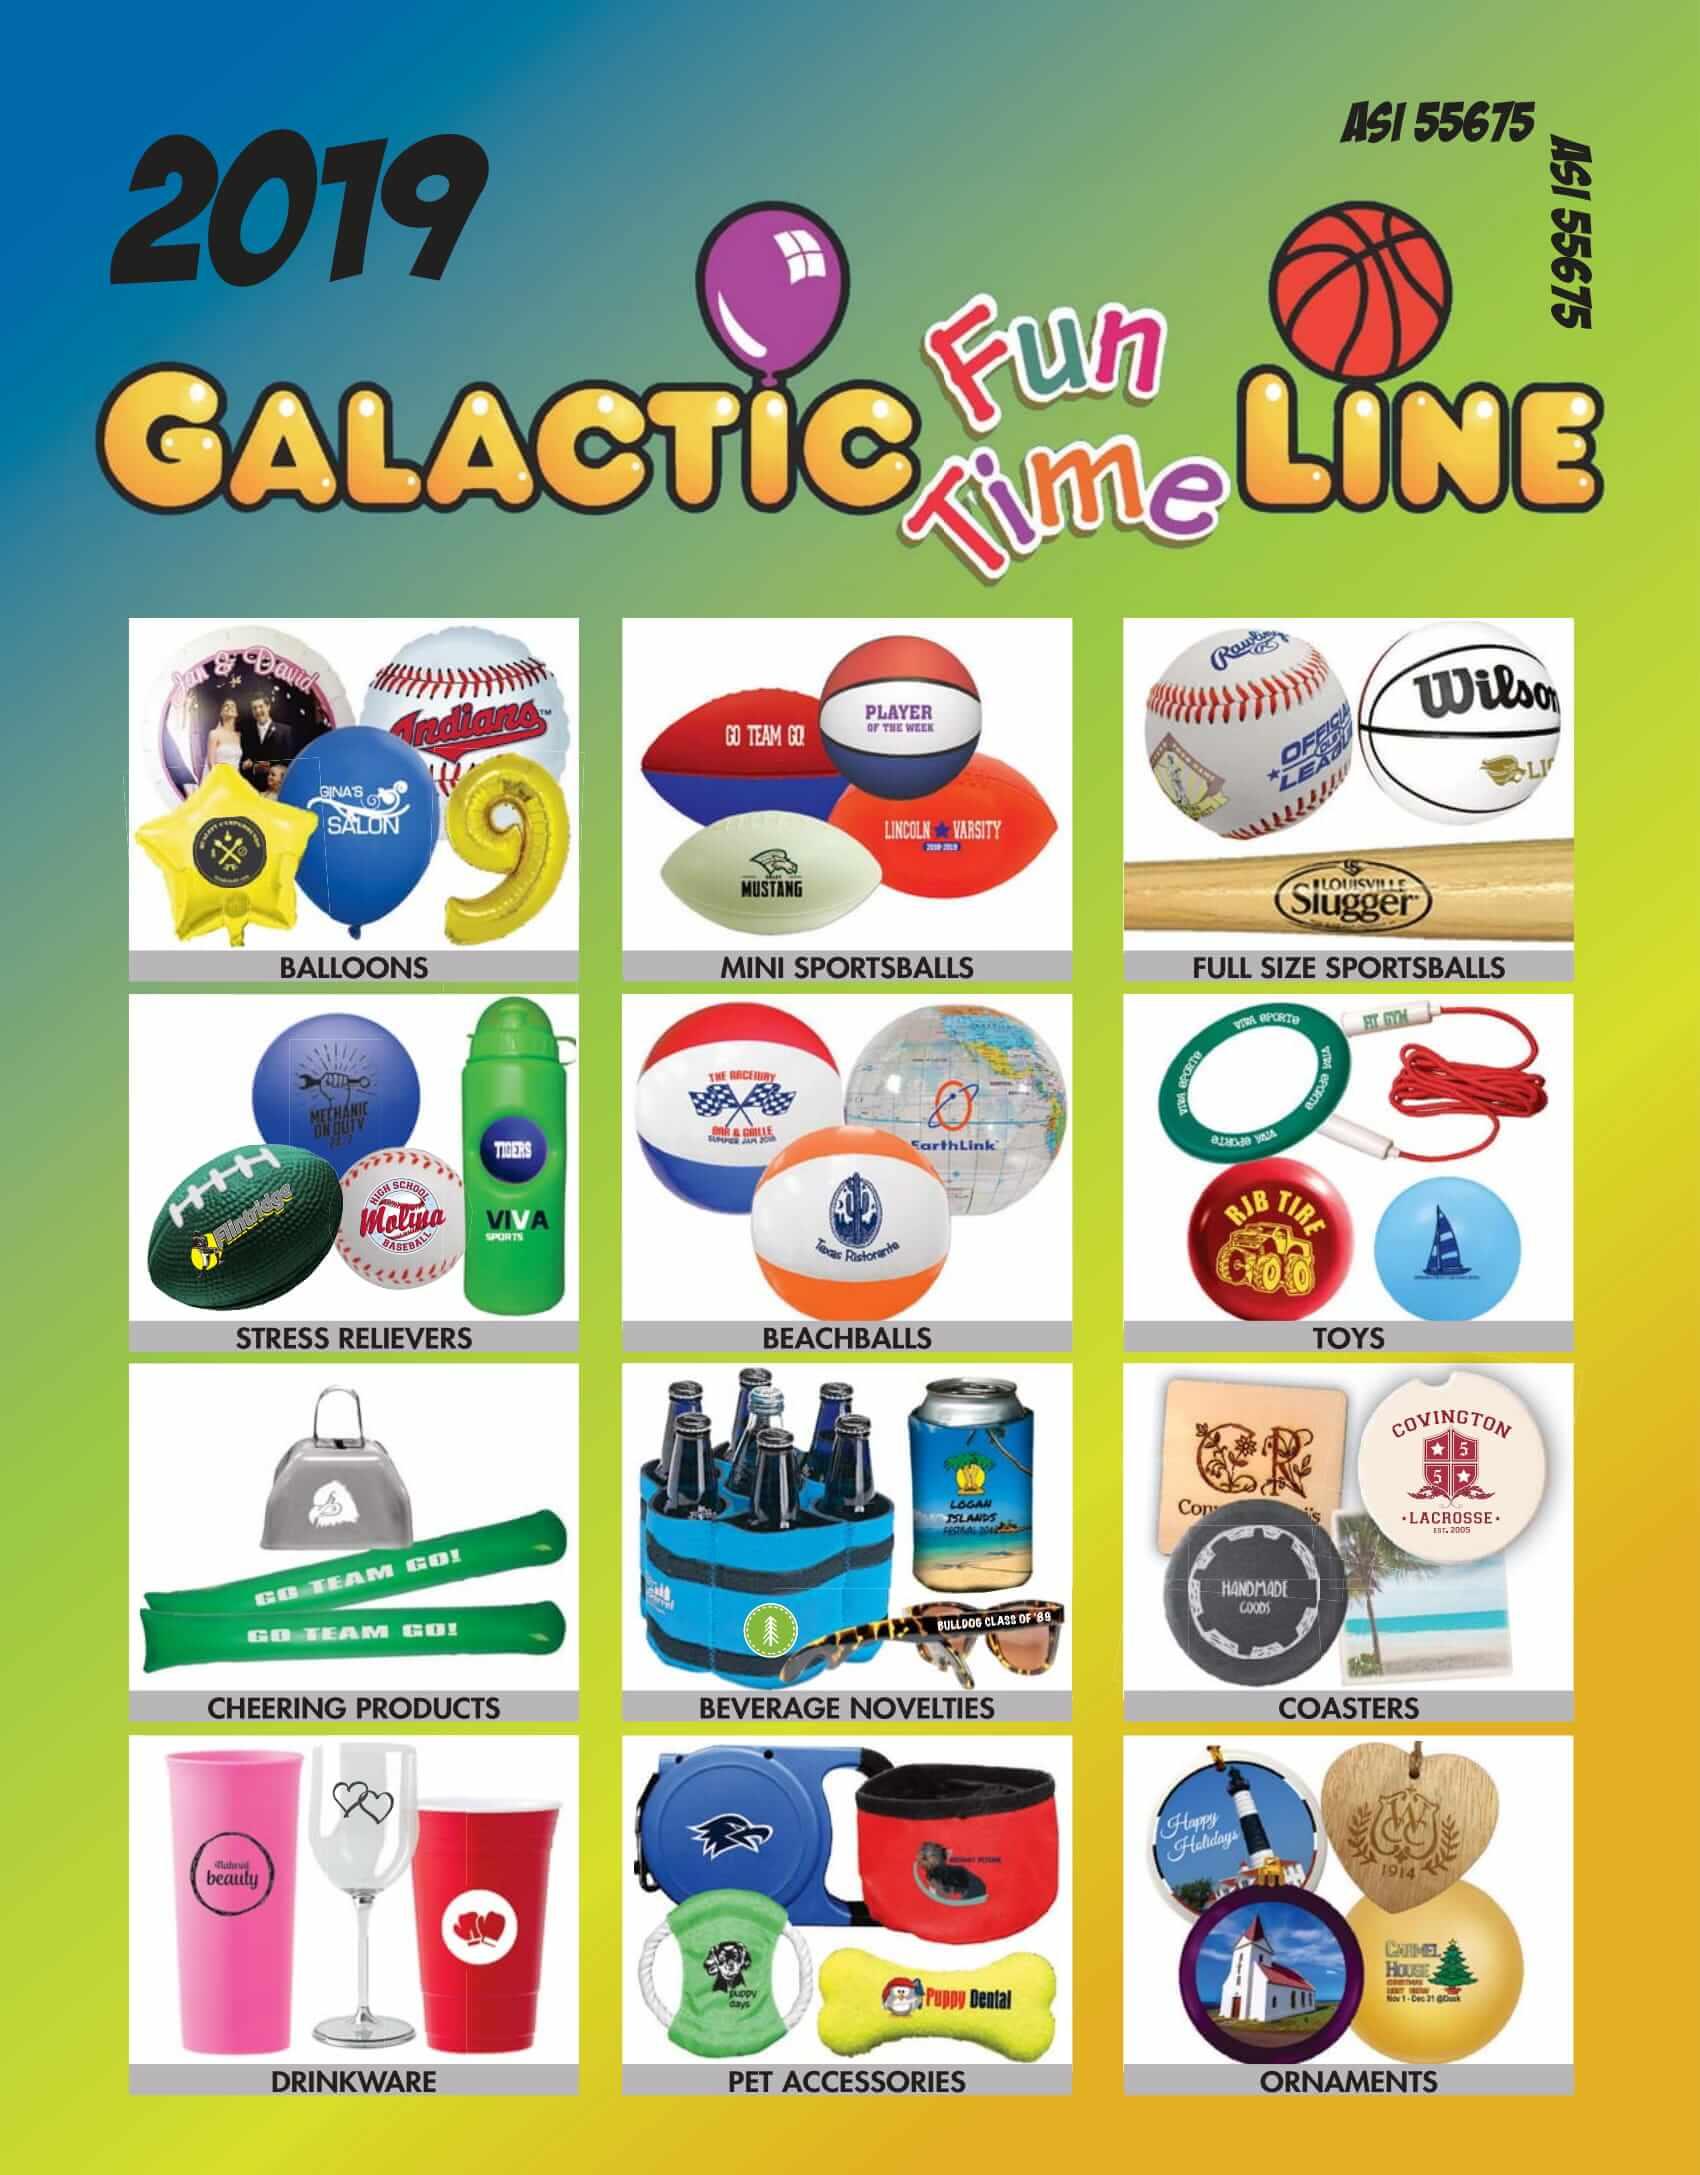 2019 Galactic Fun Time Line